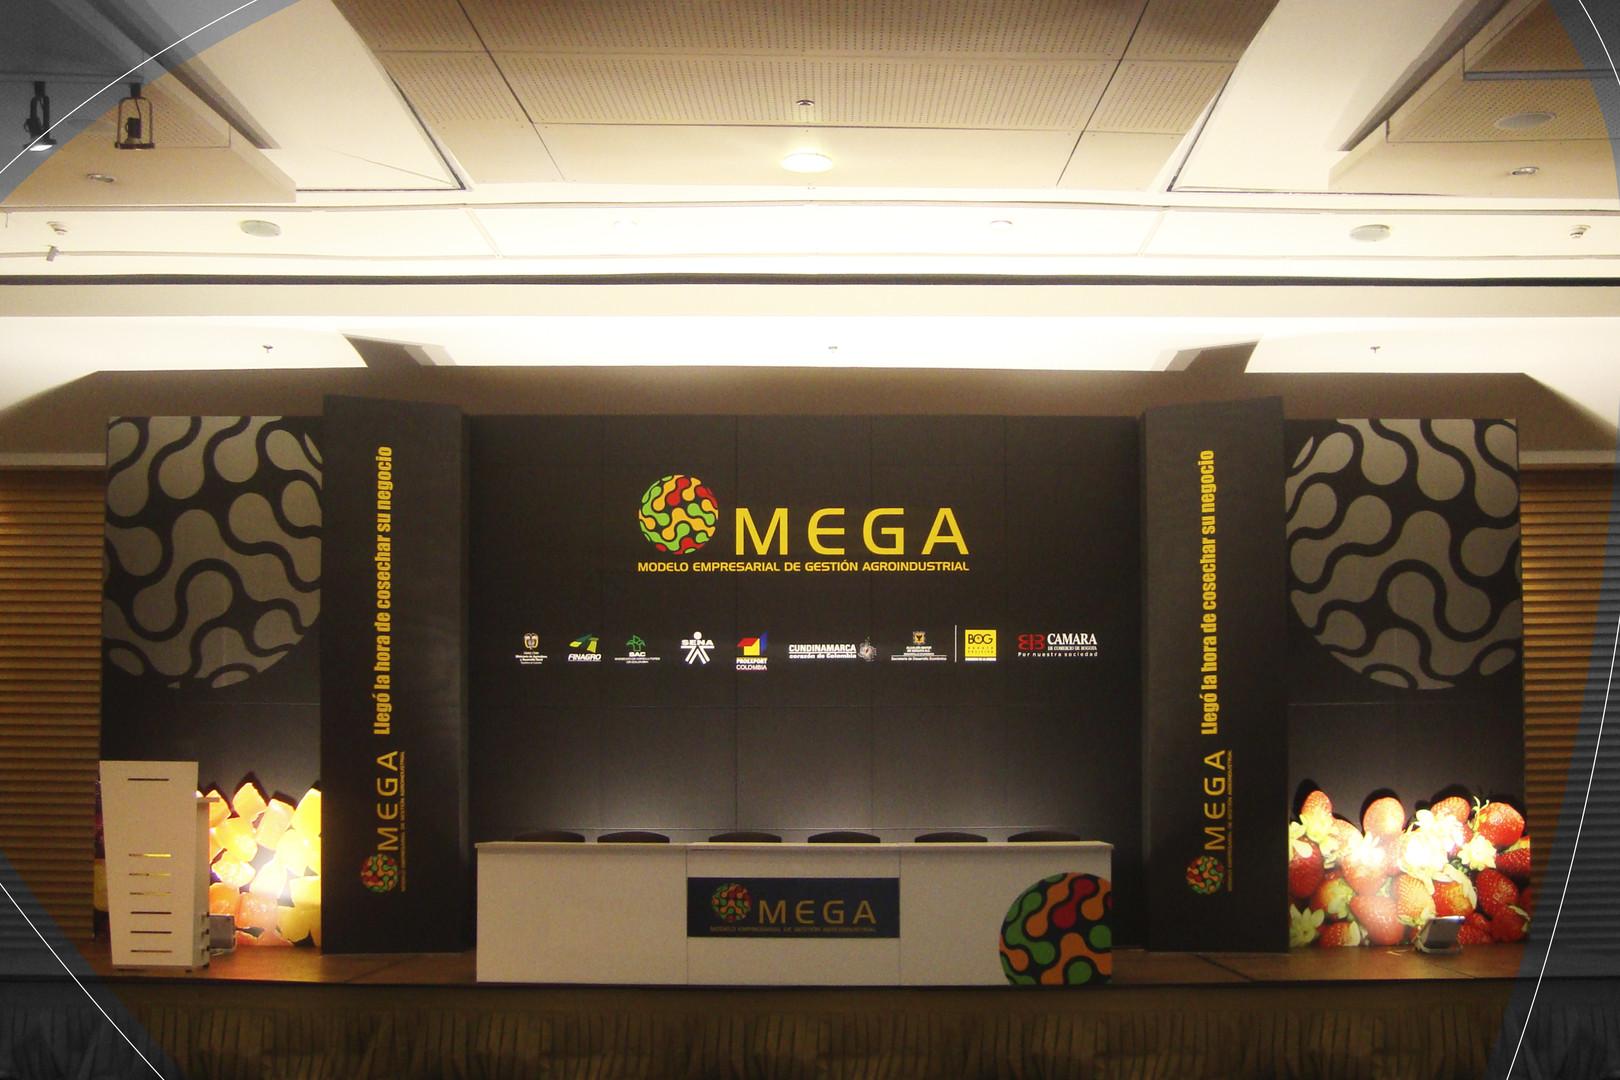 Mega DSC02057.JPG